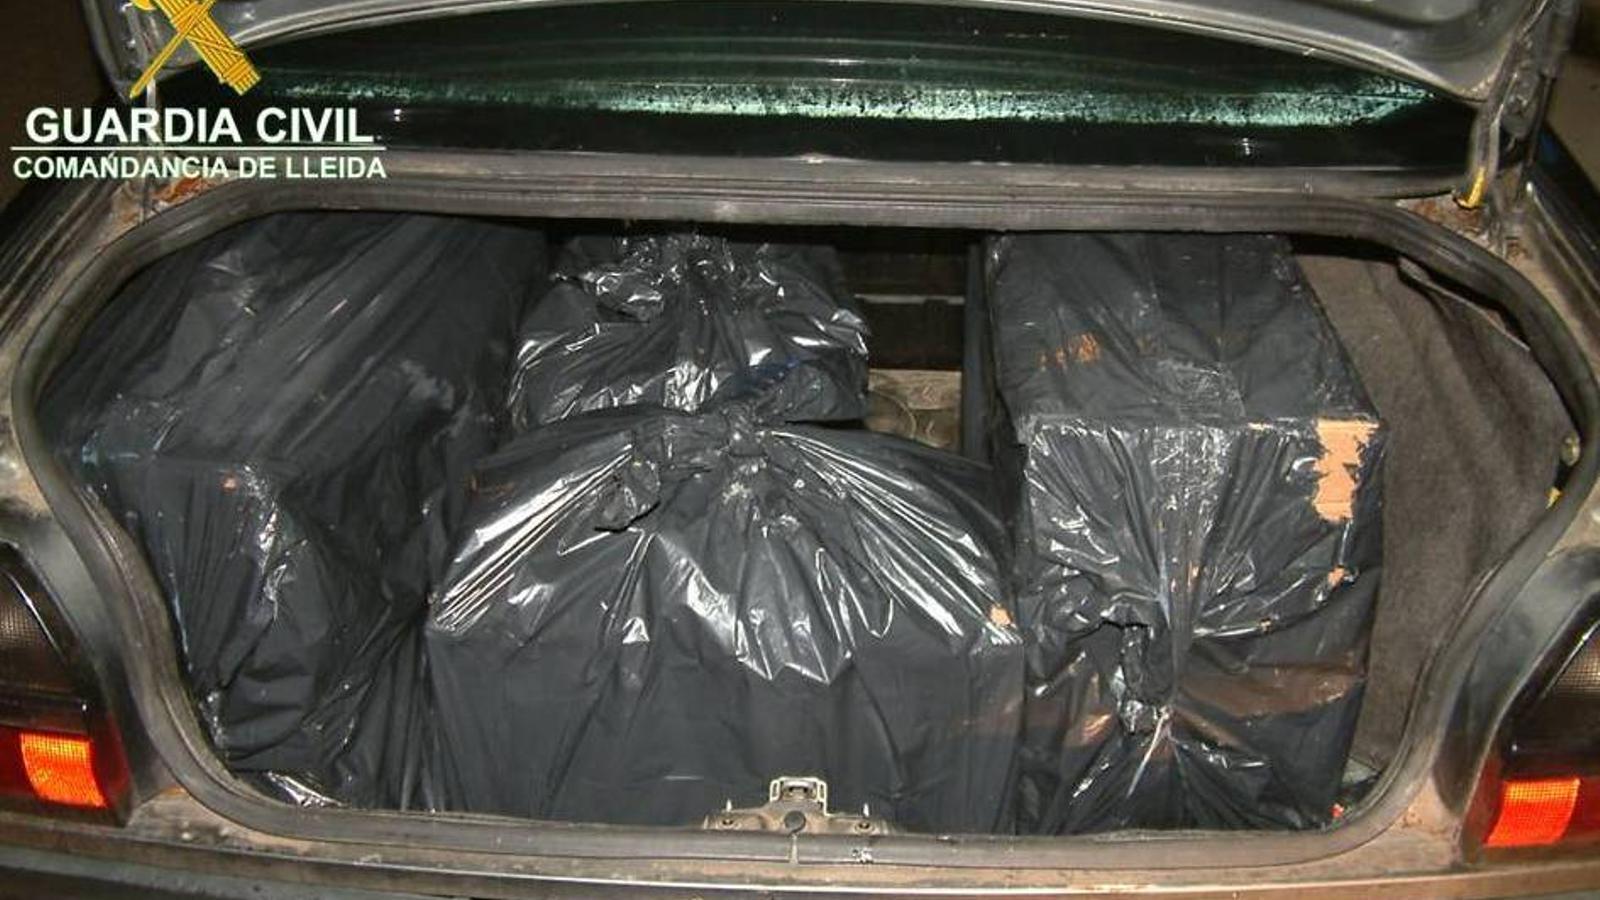 Els paquets de tabac es trobaven en bosses d'escombraries / GUÀRDIA CIVIL